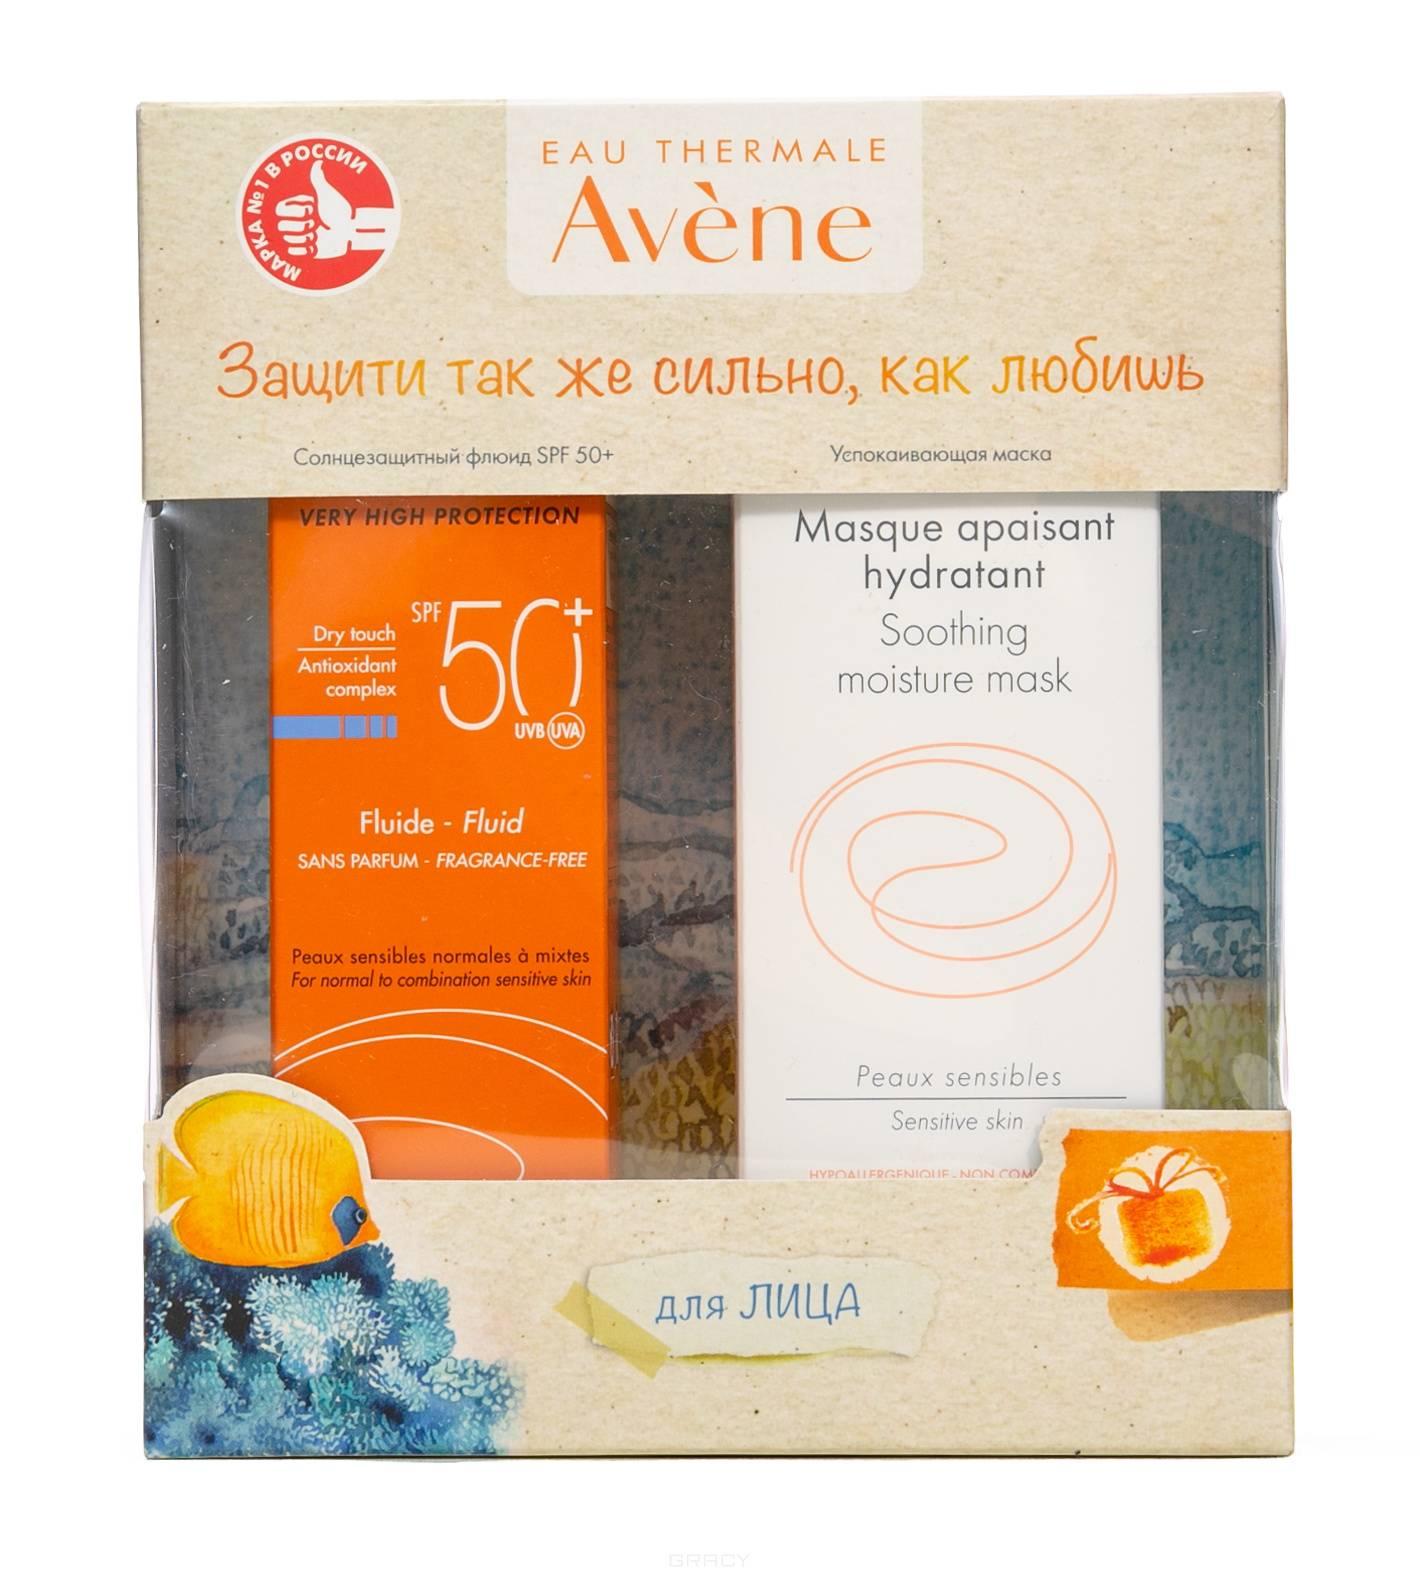 Купить Avene, Набор для лица (Солнцезащитный флюид SPF50 + Успокаивающая увлажняющая маска), 50/50 мл